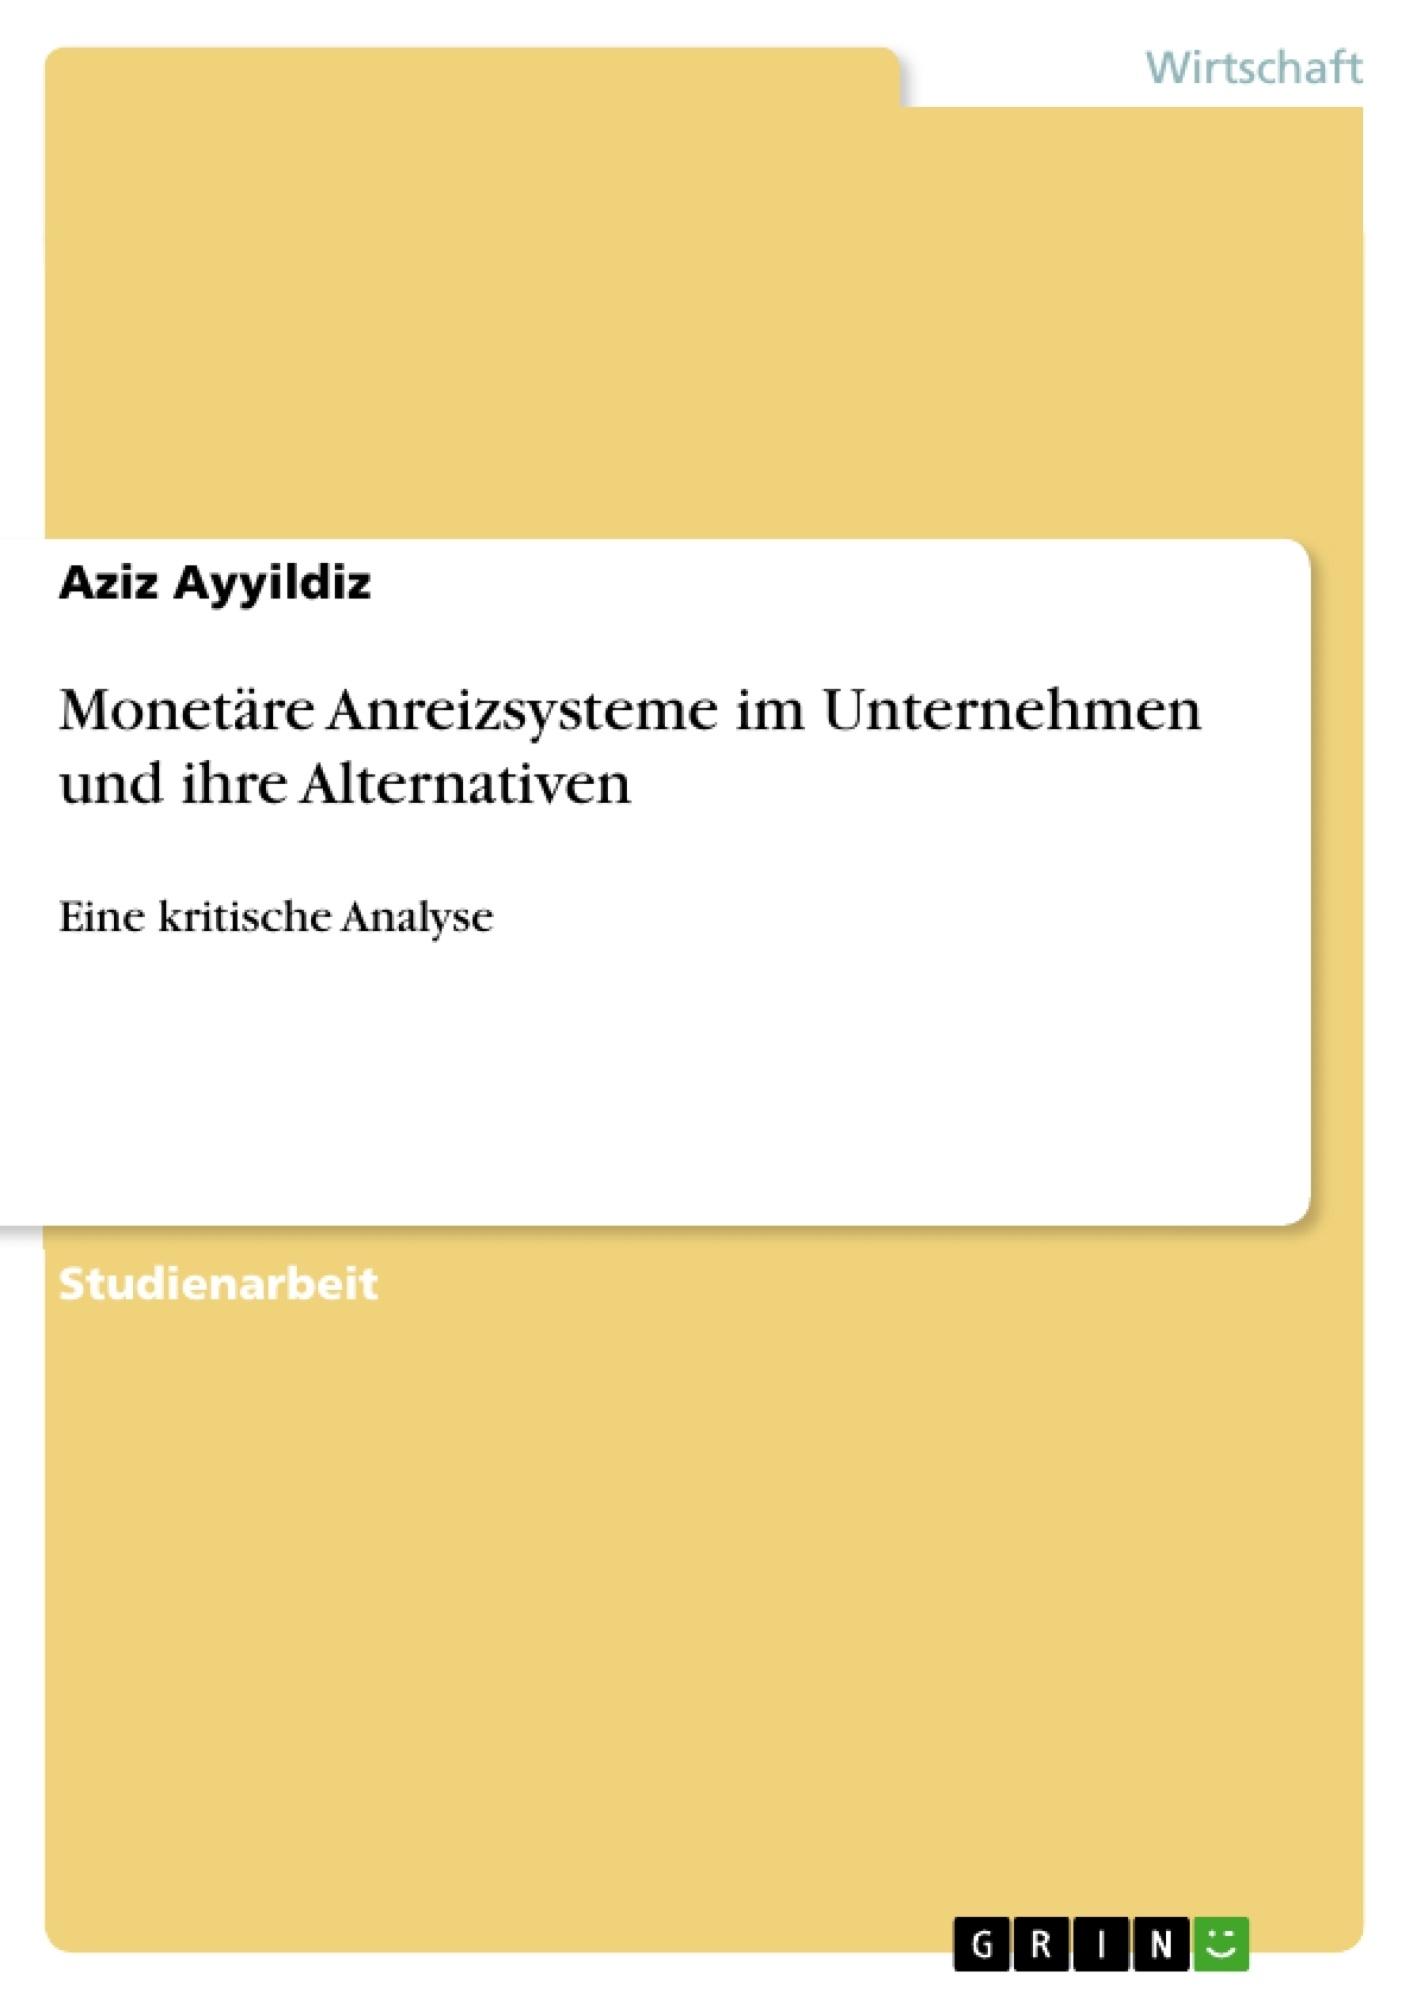 Titel: Monetäre Anreizsysteme im Unternehmen und ihre Alternativen